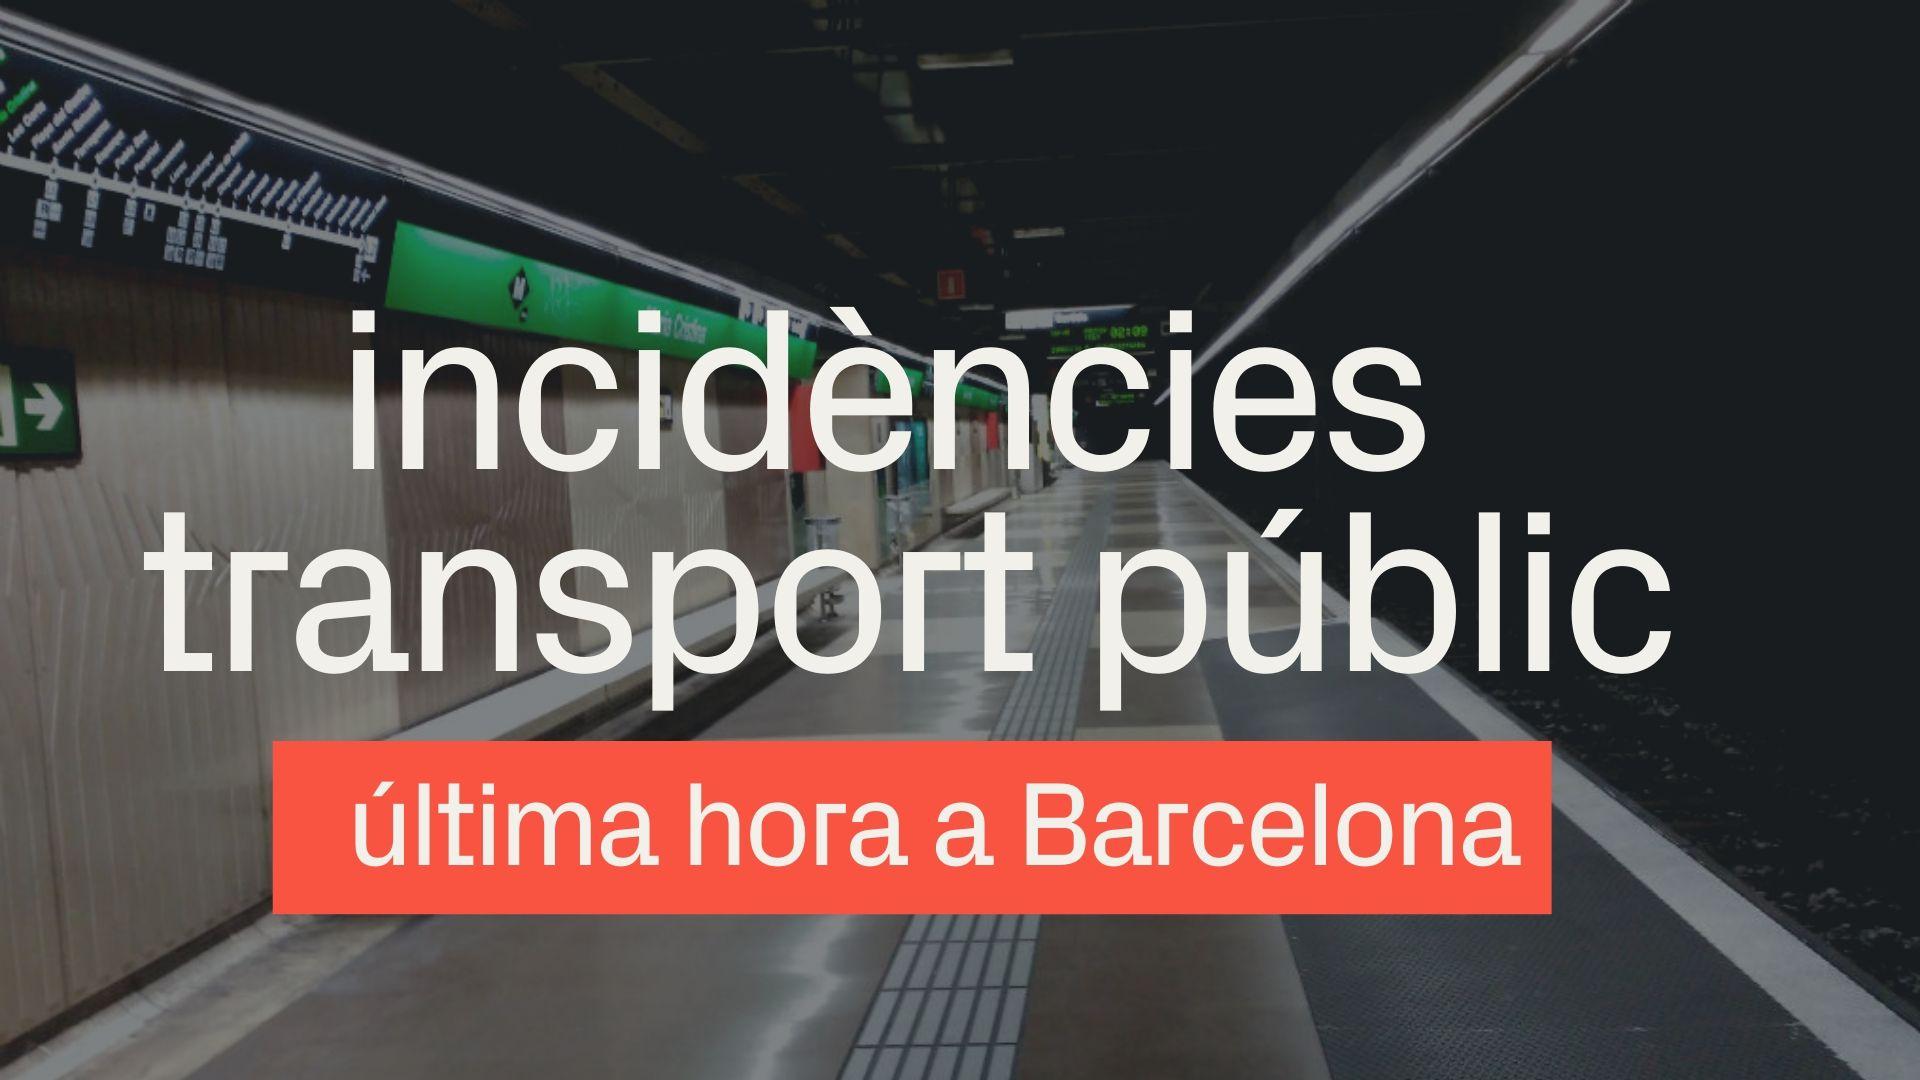 incidencies metro barcelona